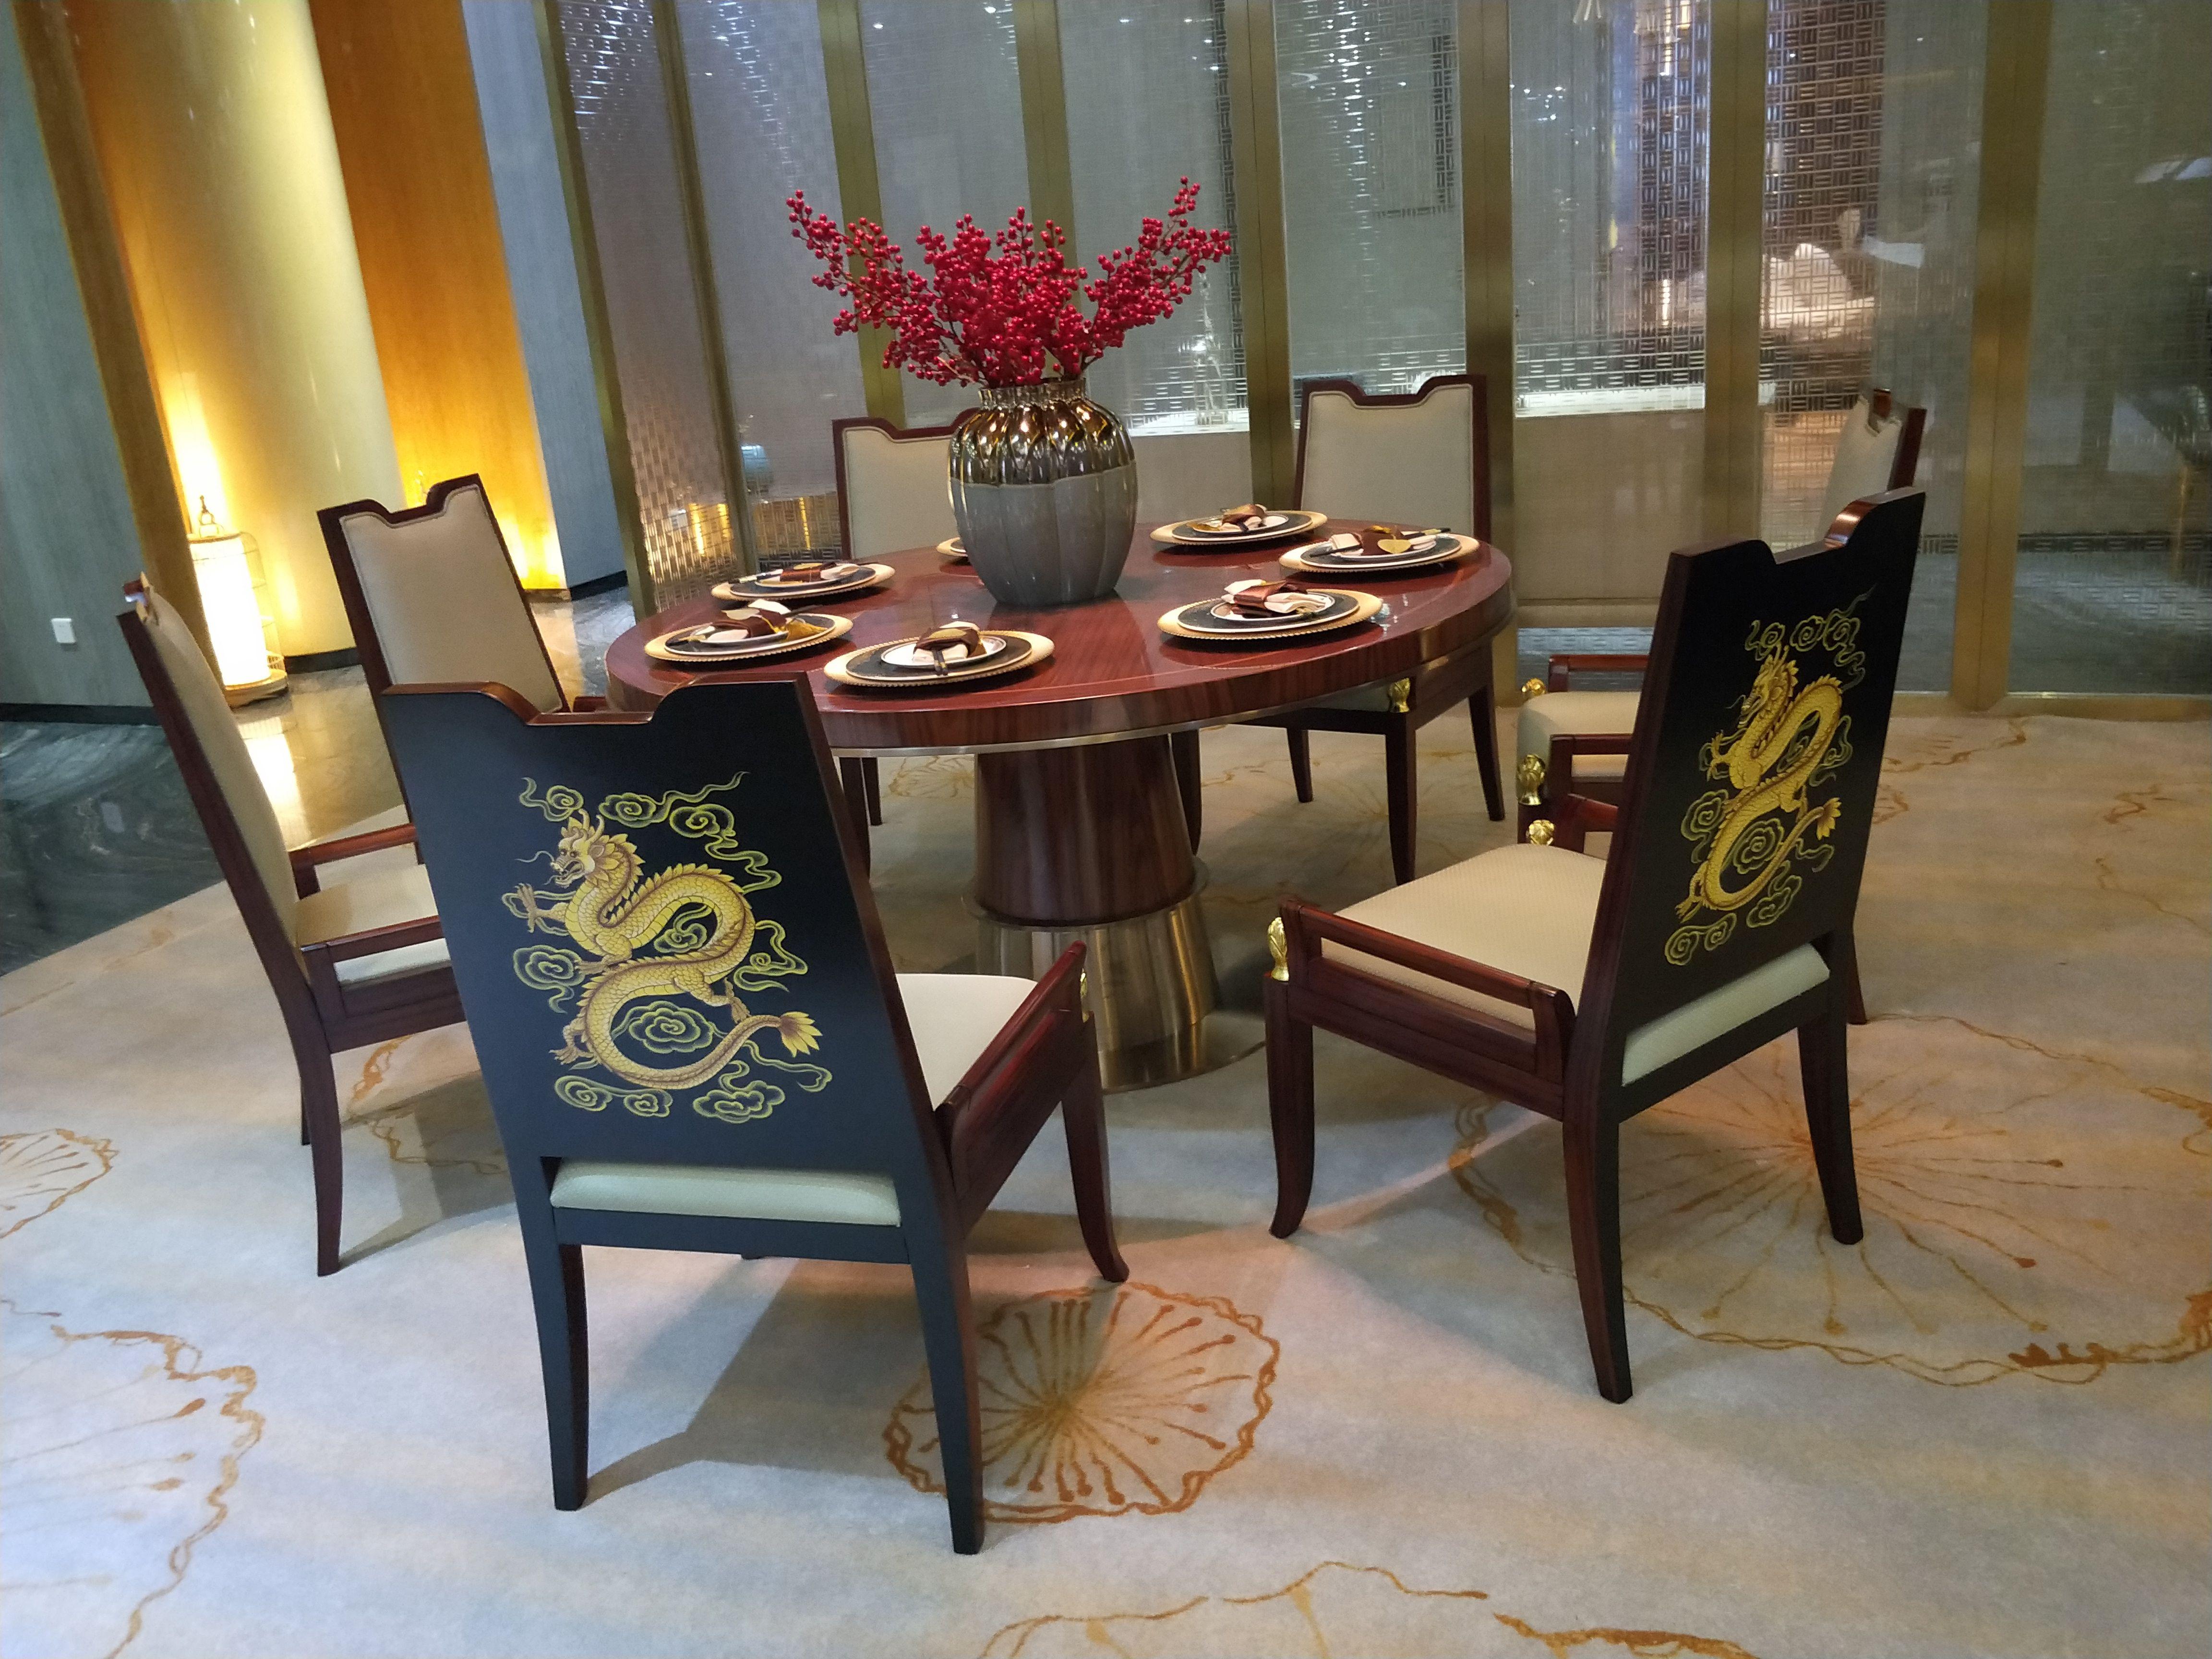 7.展厅餐桌